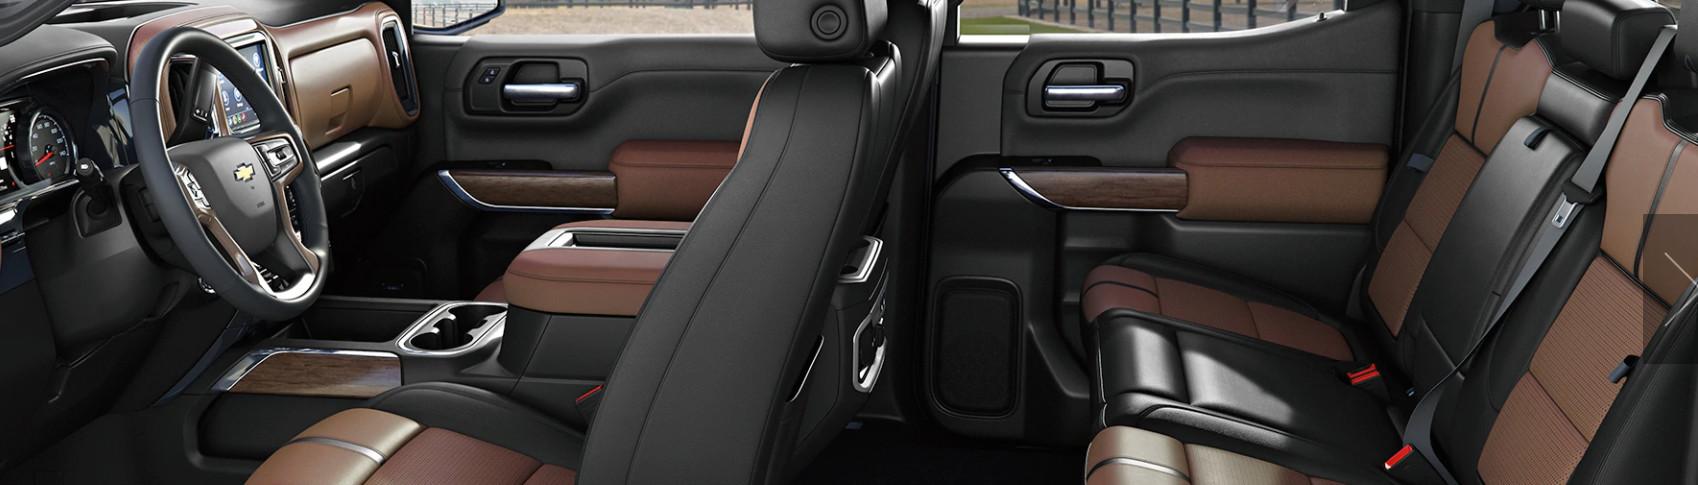 Chevrolet Silverado 1500 2020 Interior